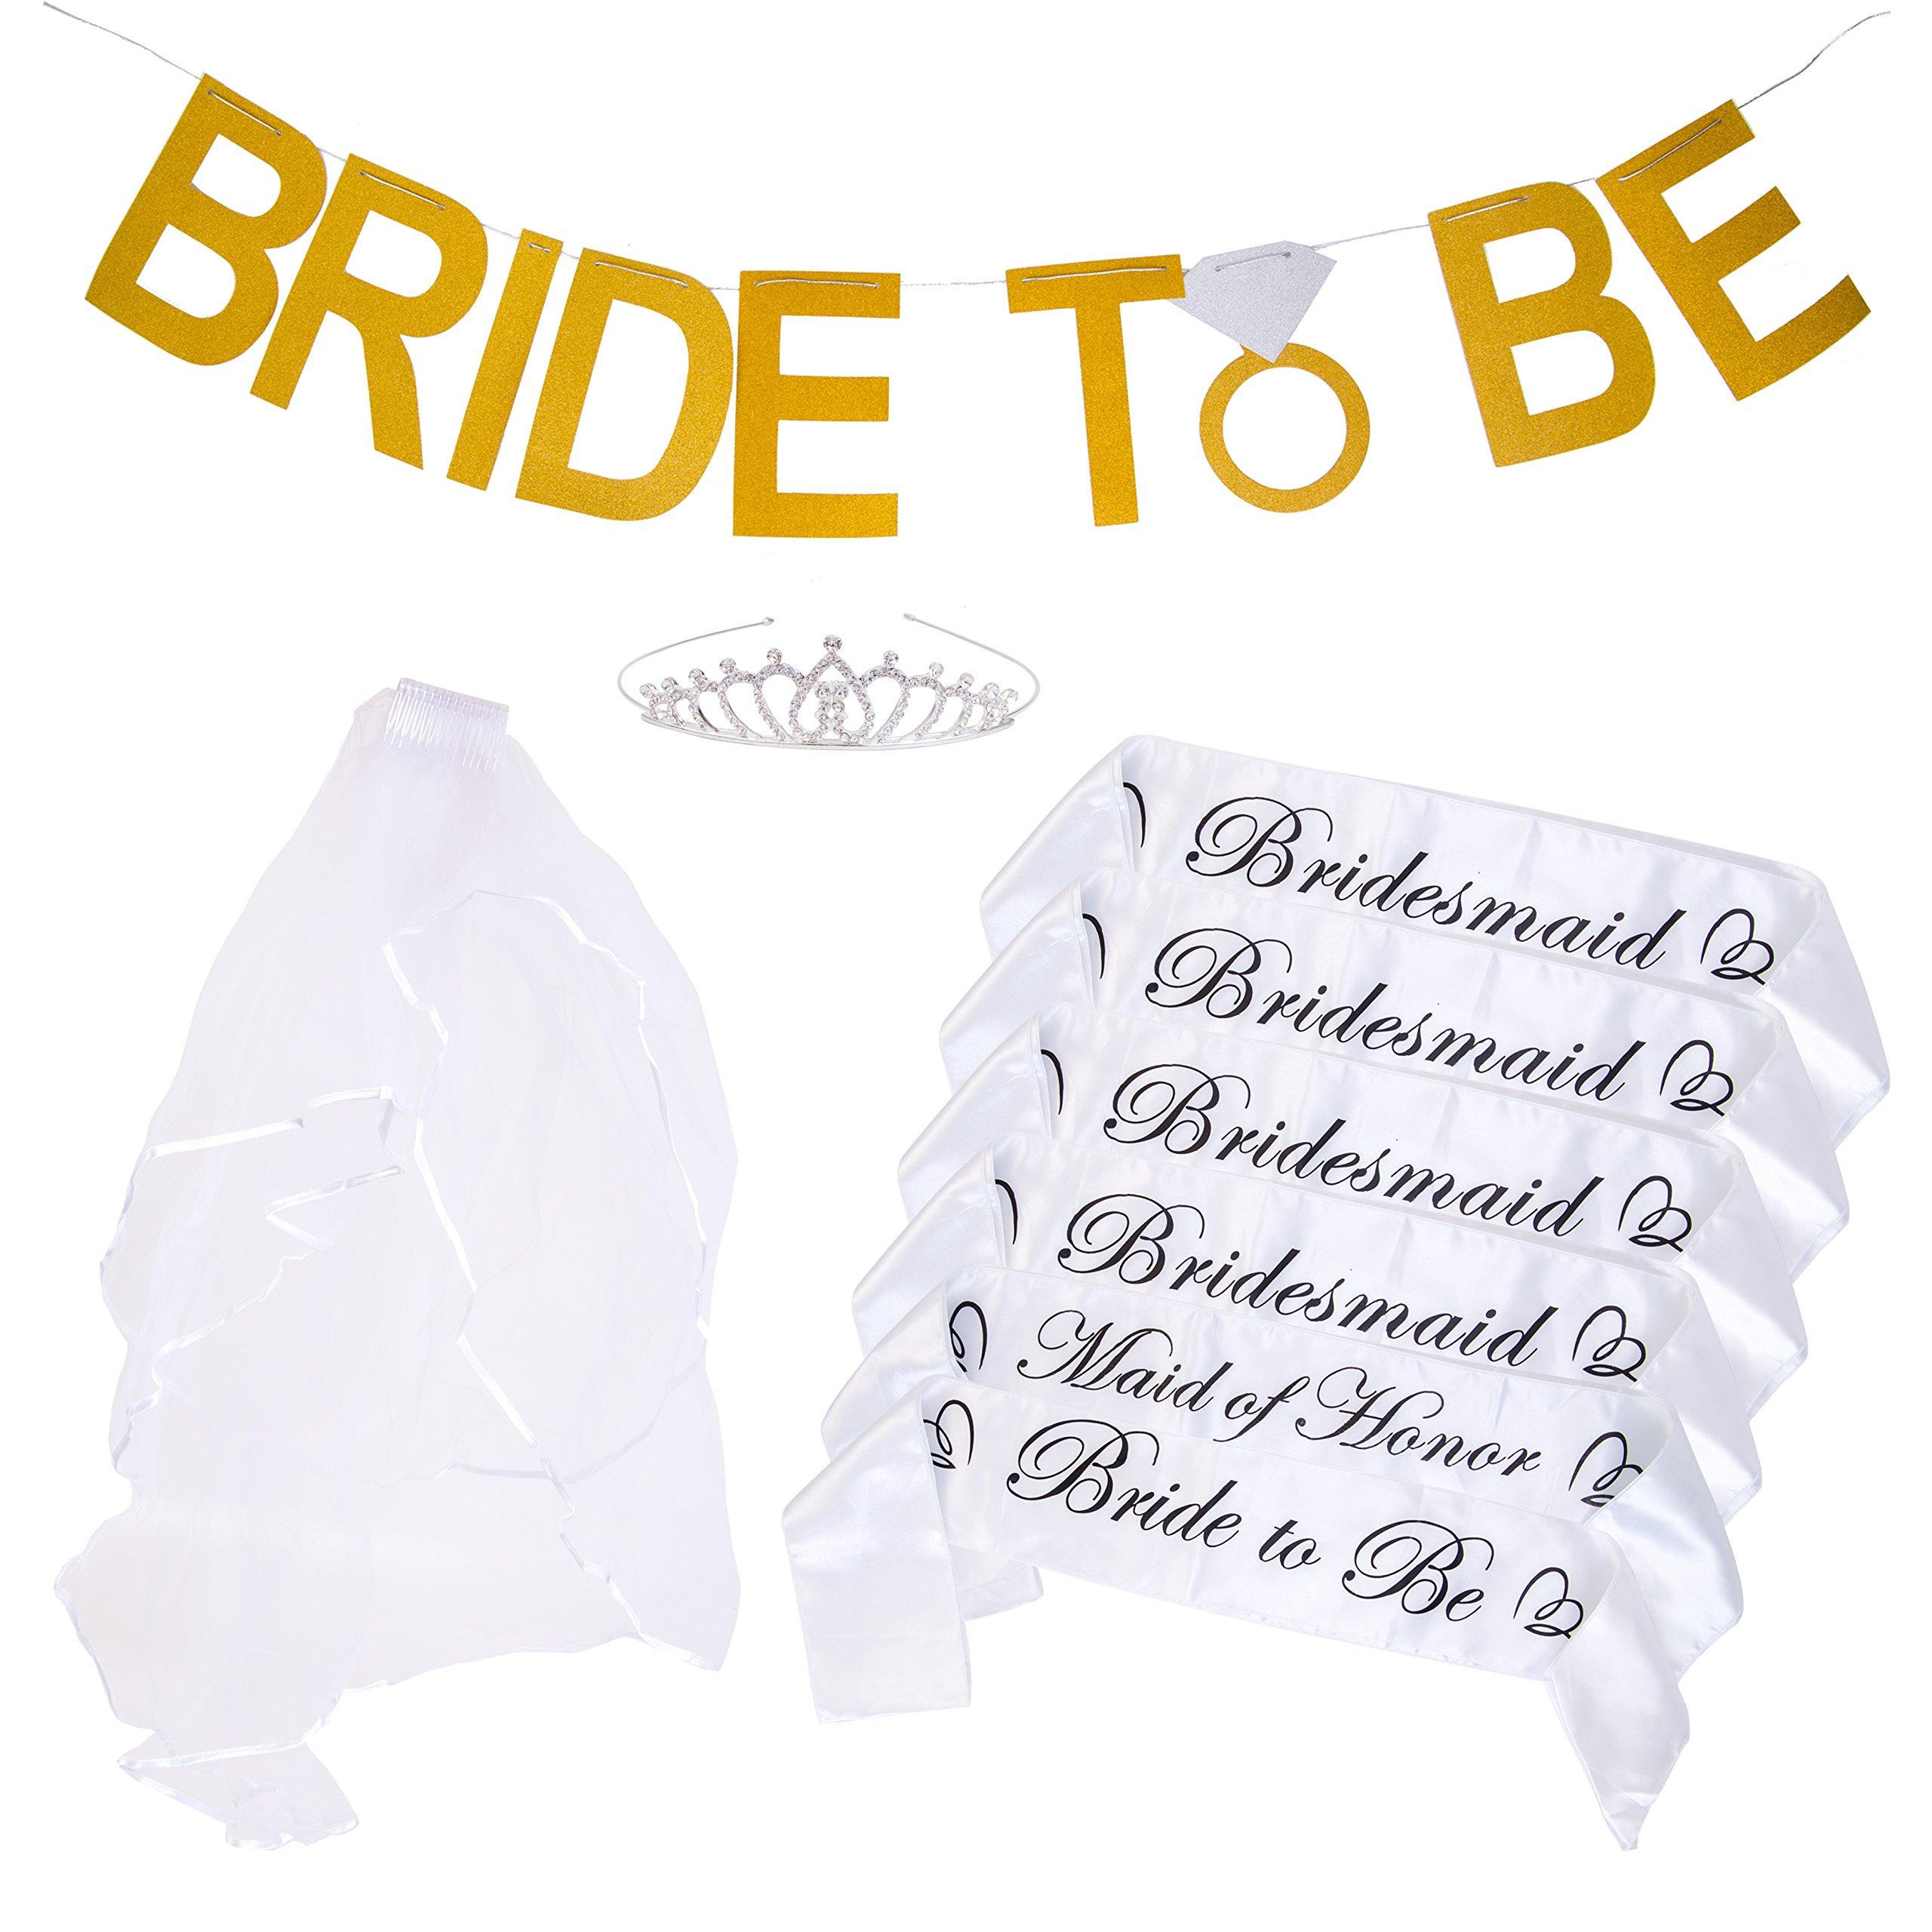 Bachelorette Party Bride to Be Kit - 6 Unique